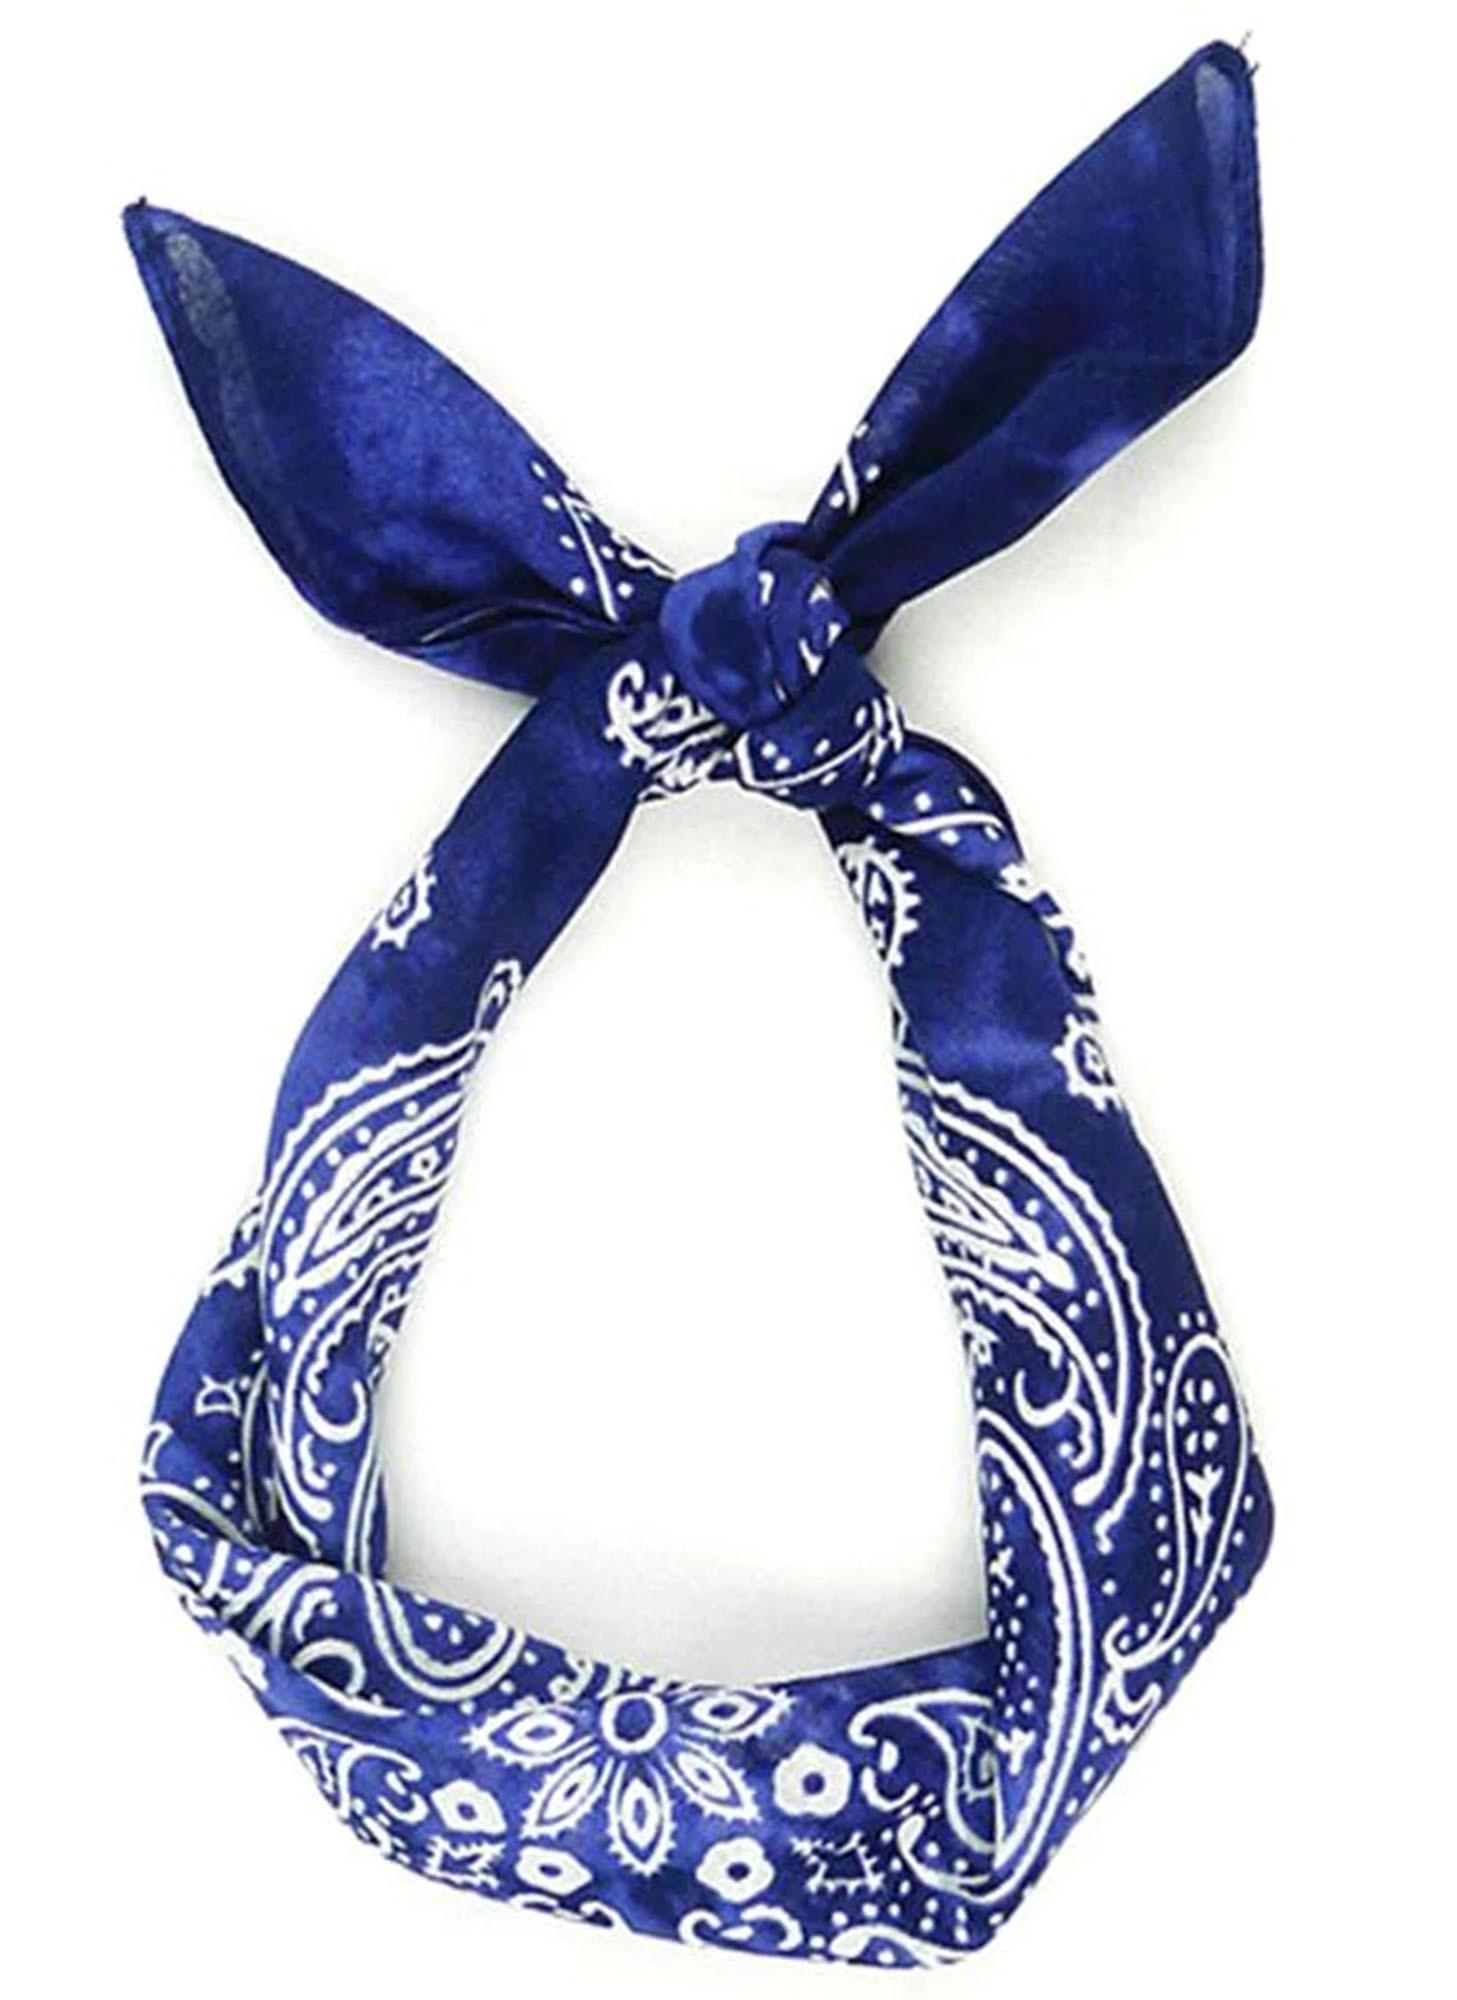 Bandana Tie Dye Azul 100% Algodão